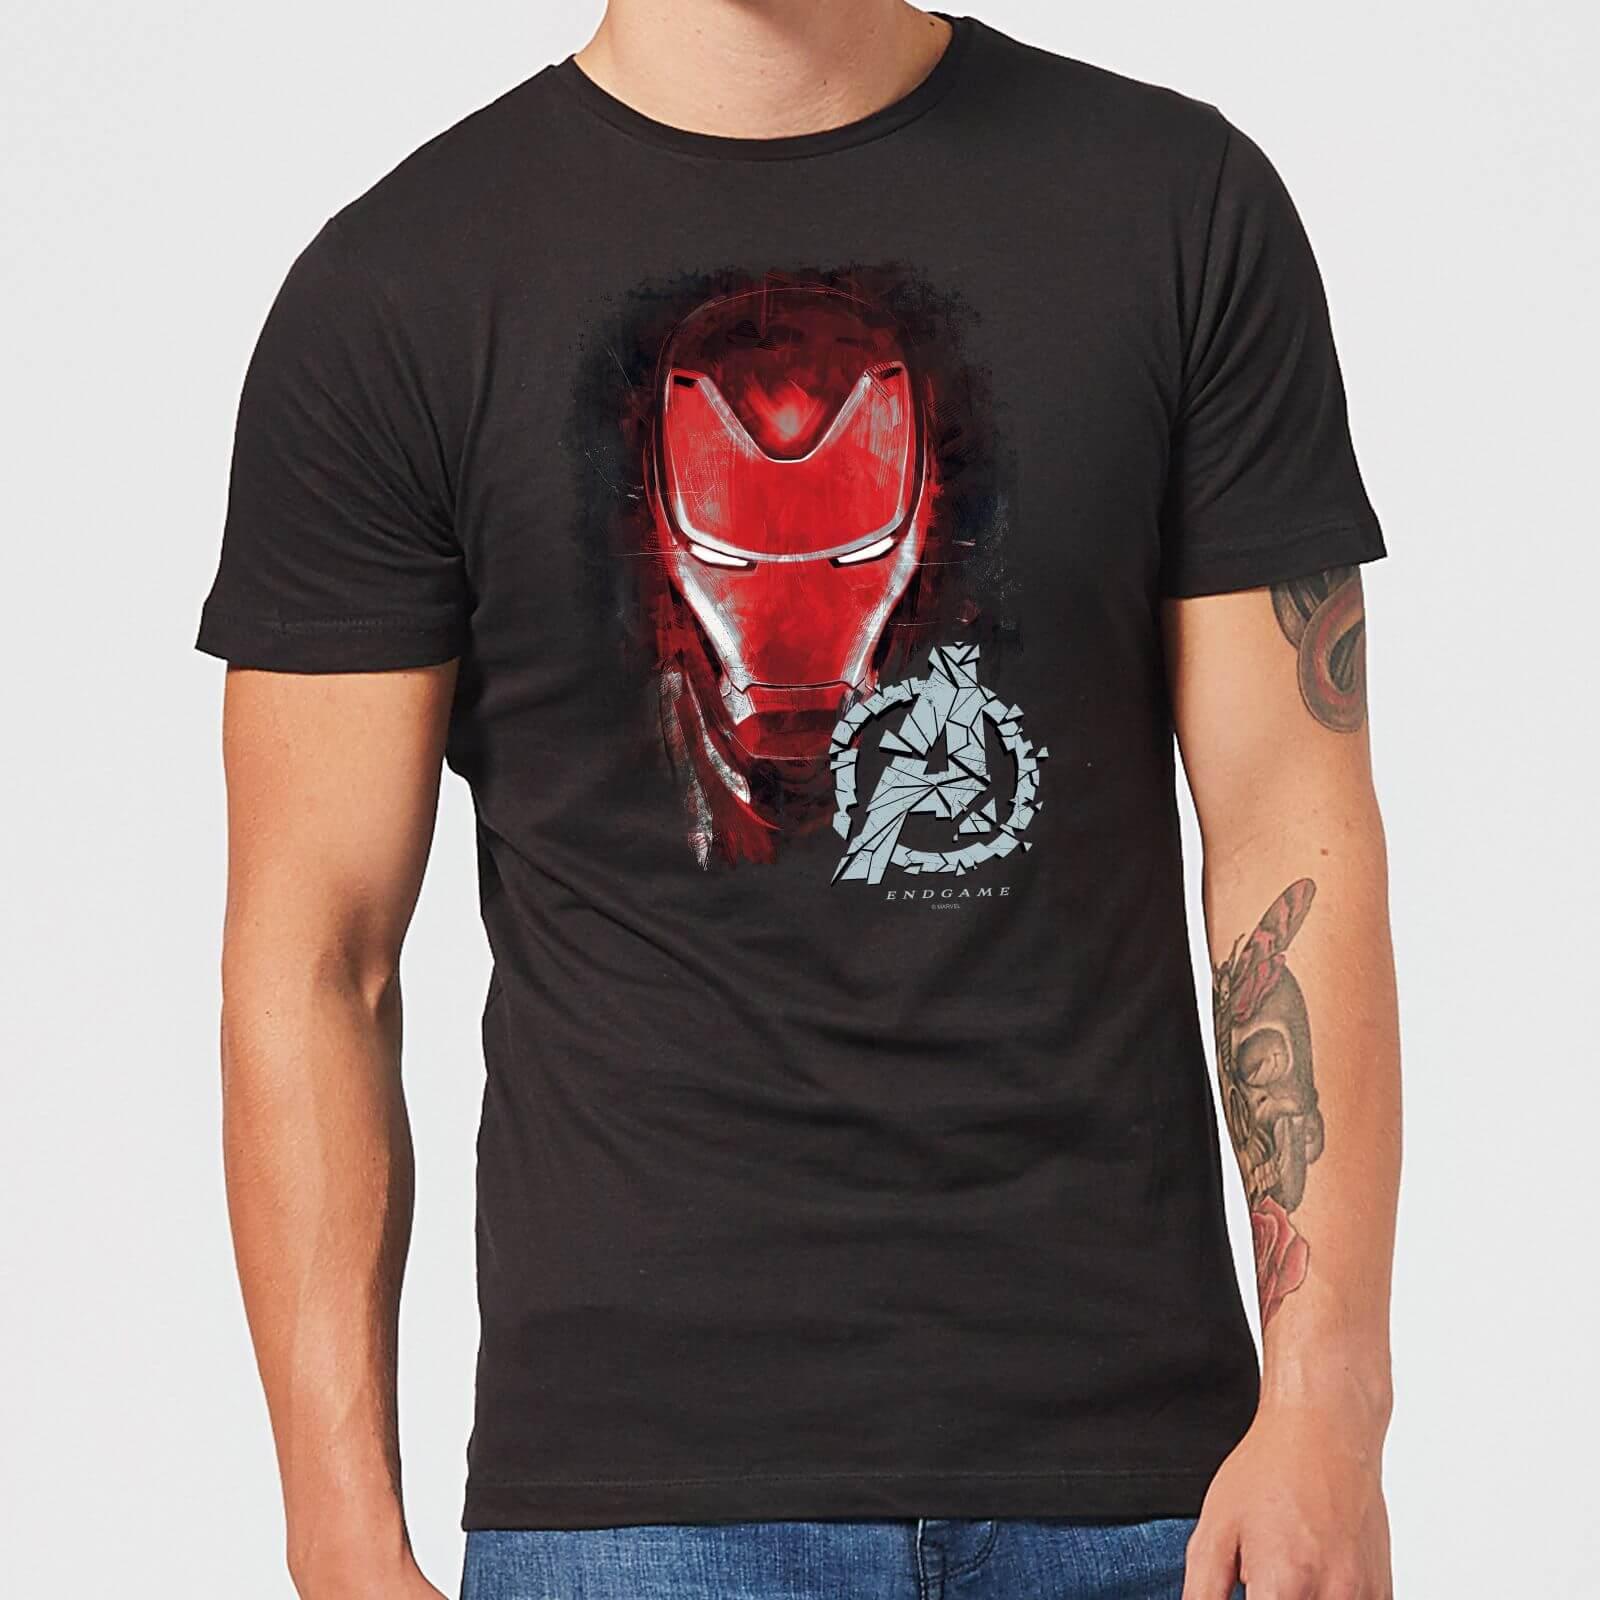 869f5a86c Avengers Endgame Iron Man Brushed Men's T-Shirt - Black Clothing | Zavvi